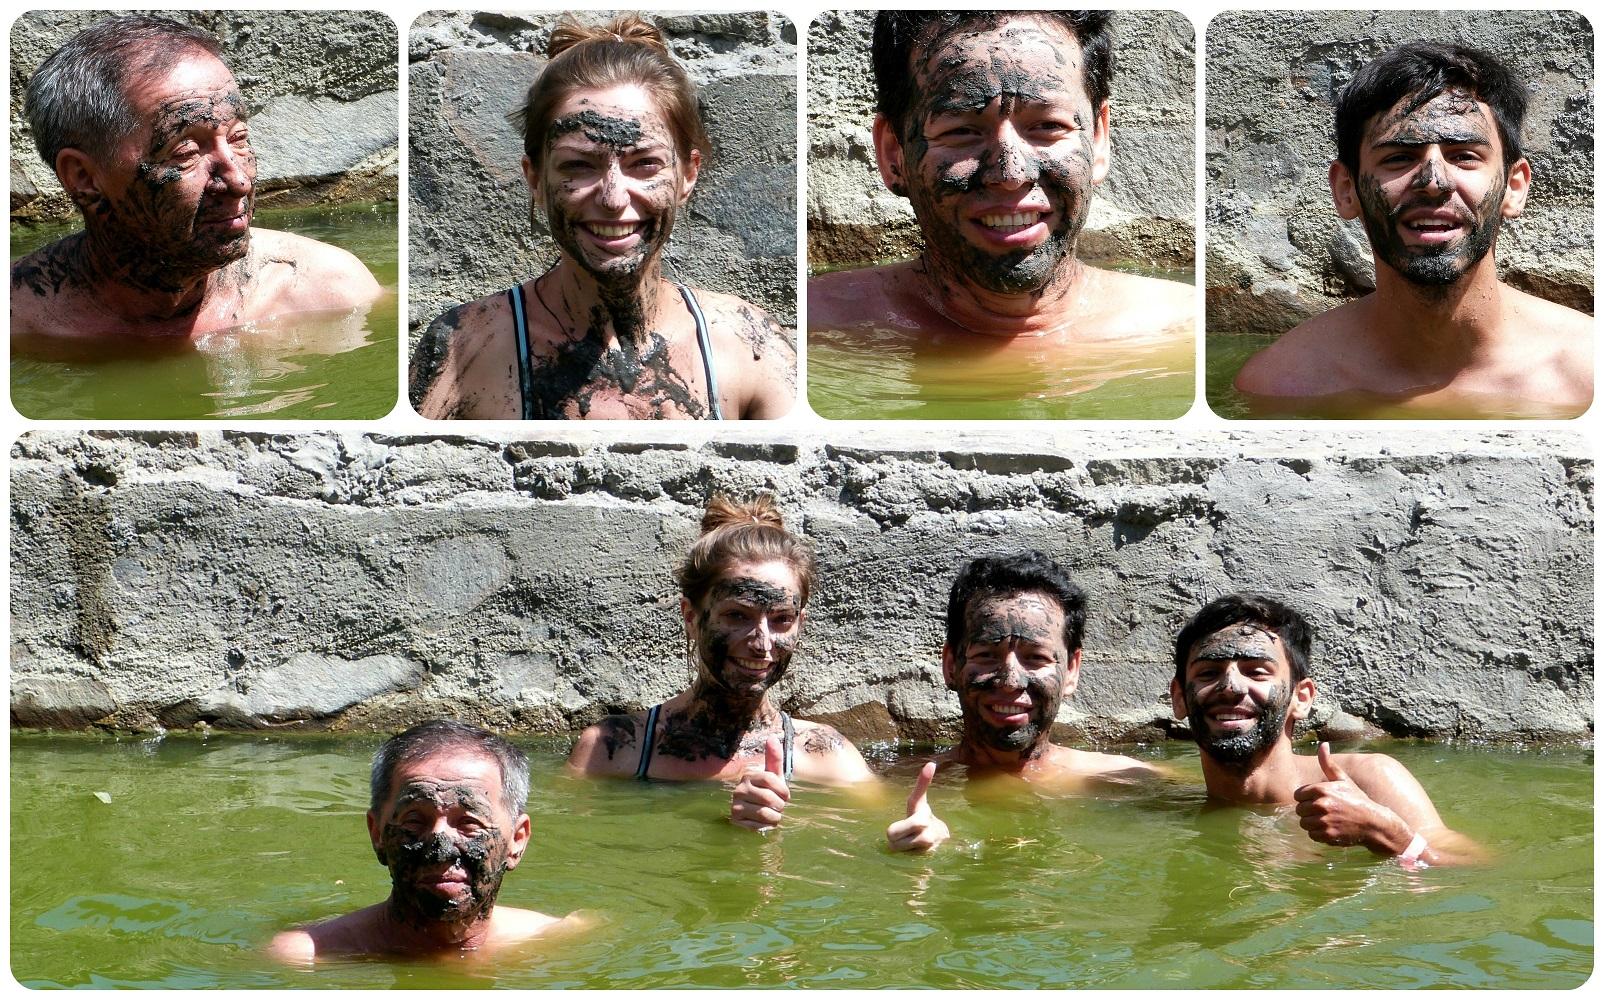 Nous avec de la boue sur le visage à Aguas Tibias de Coconuco